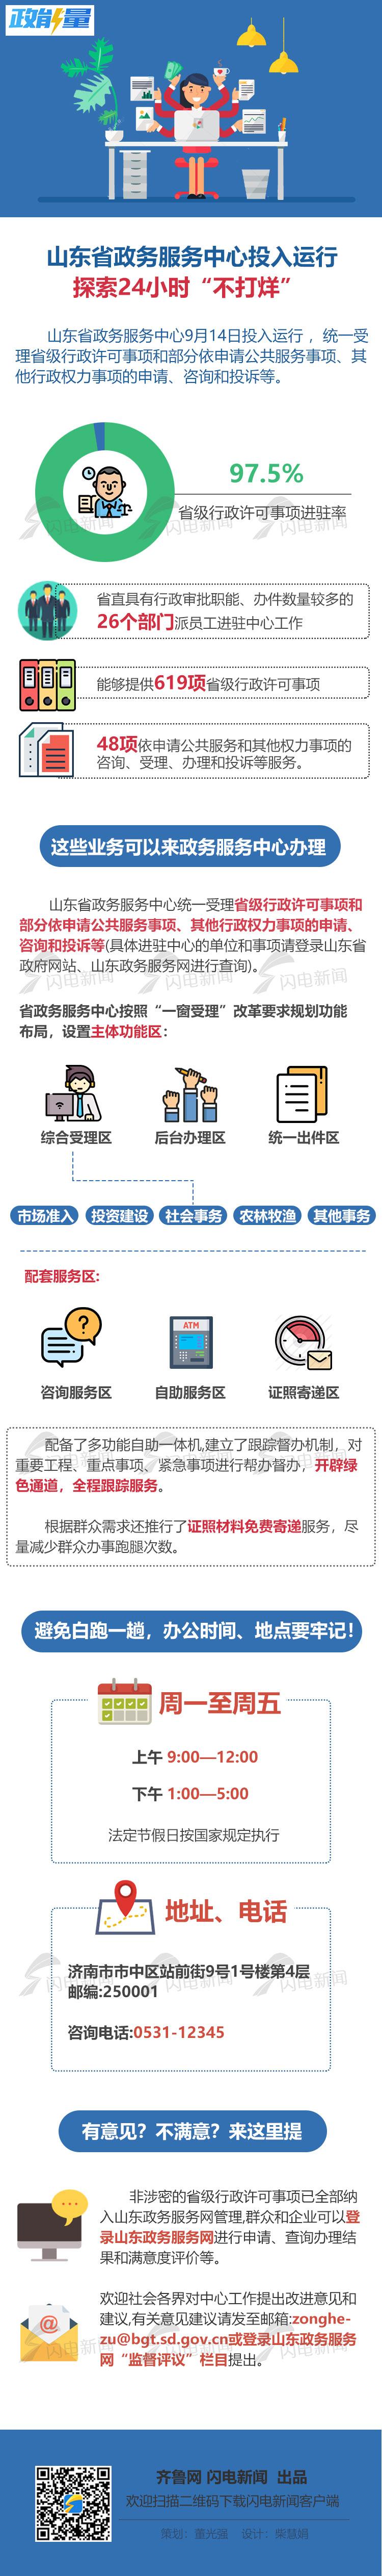 0915-服务中心.jpg